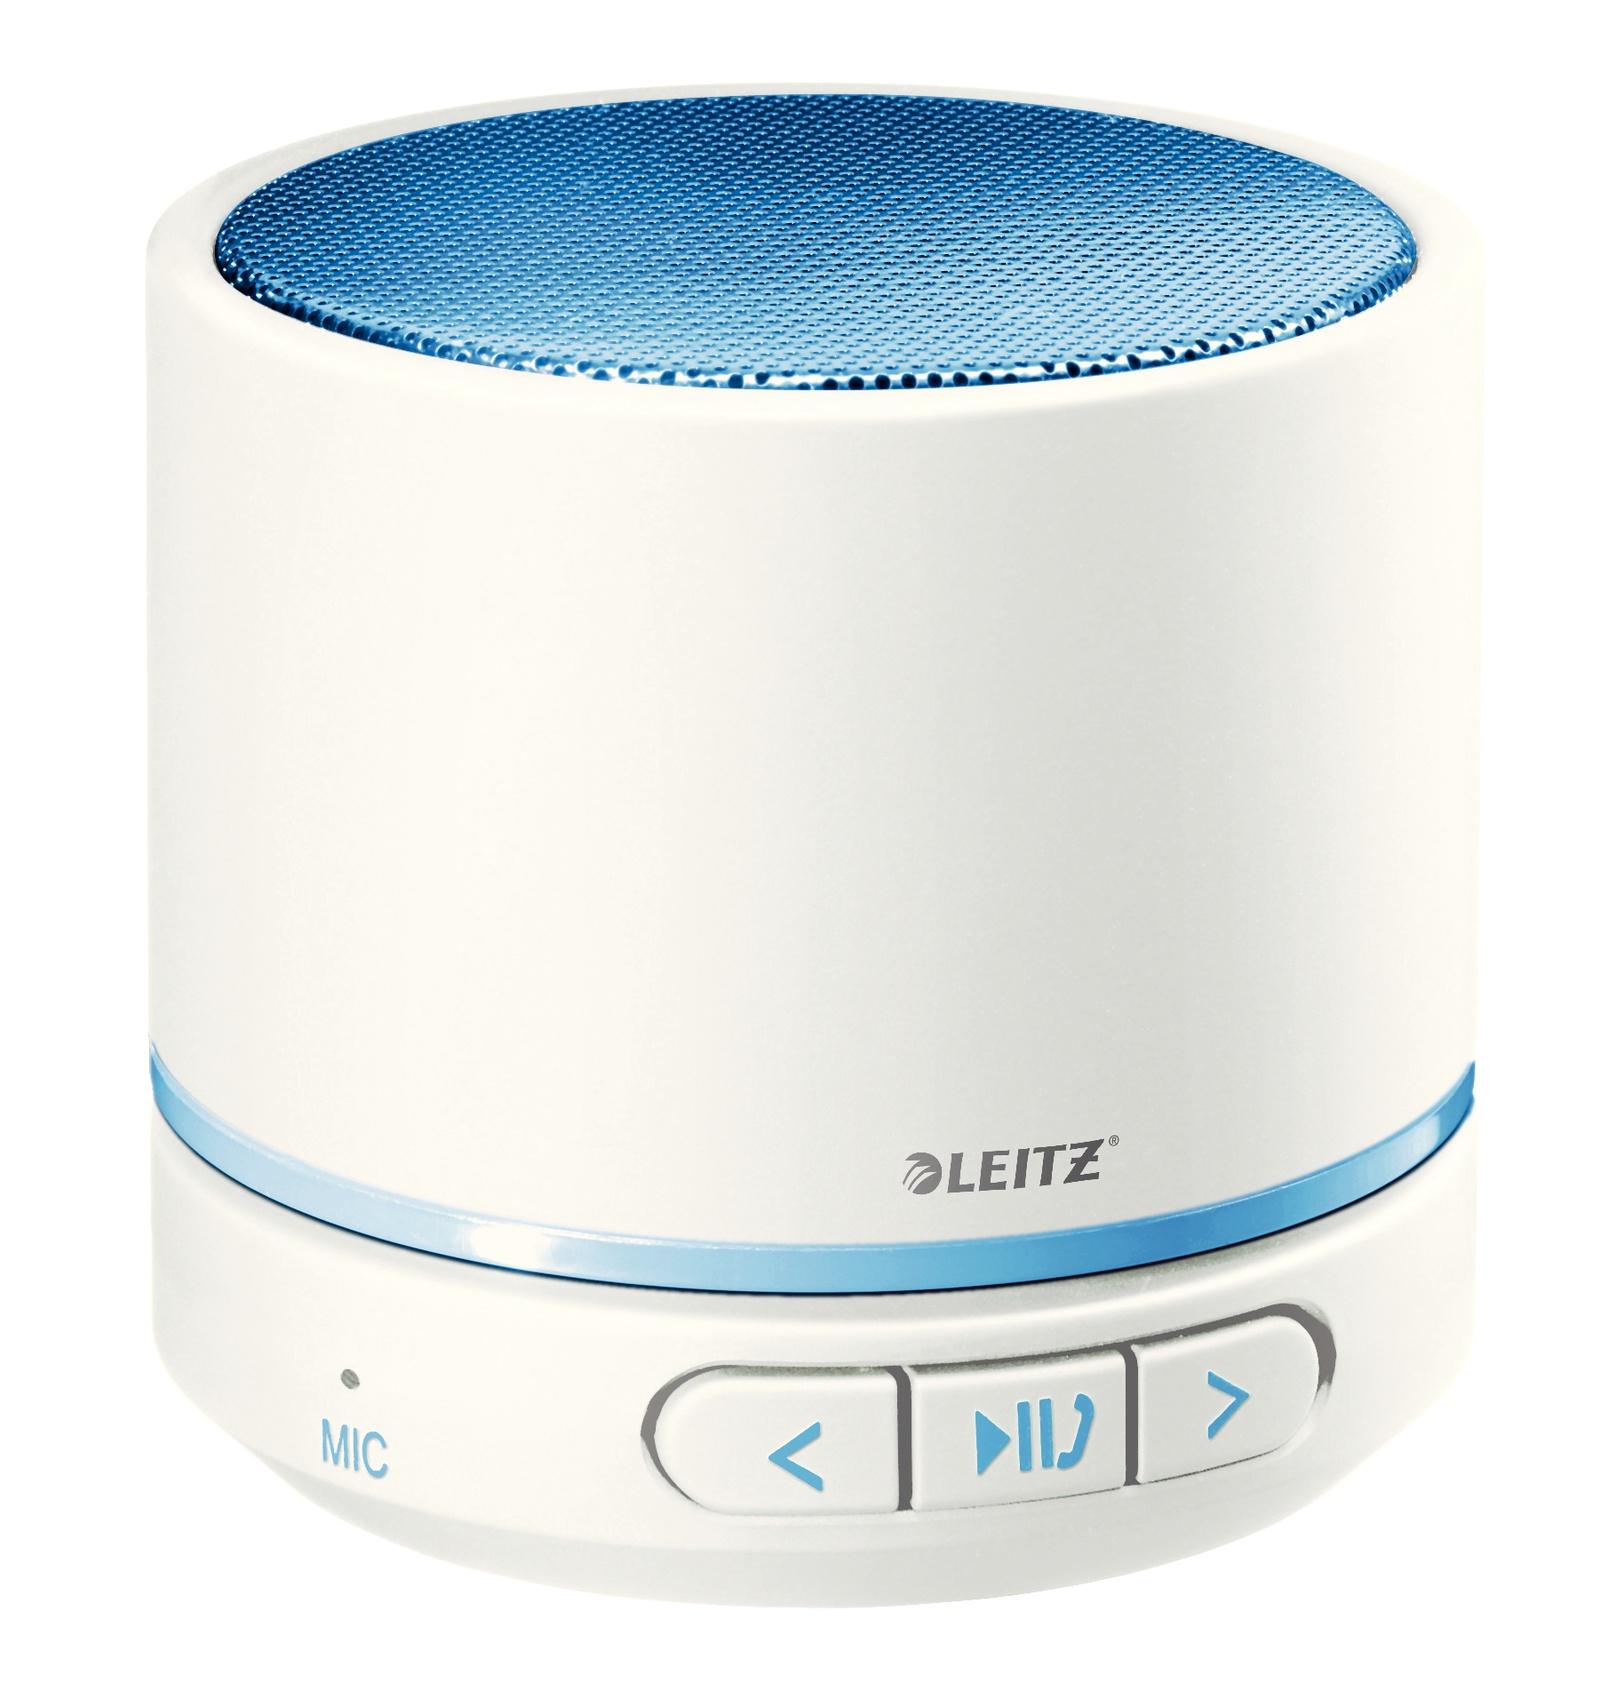 Bluetooth мини-динамик Leitz WOW, синий металлик беспроводной bluetooth динамик громкой связи автомобильный комплект спикер солнцезащитный козырек клип